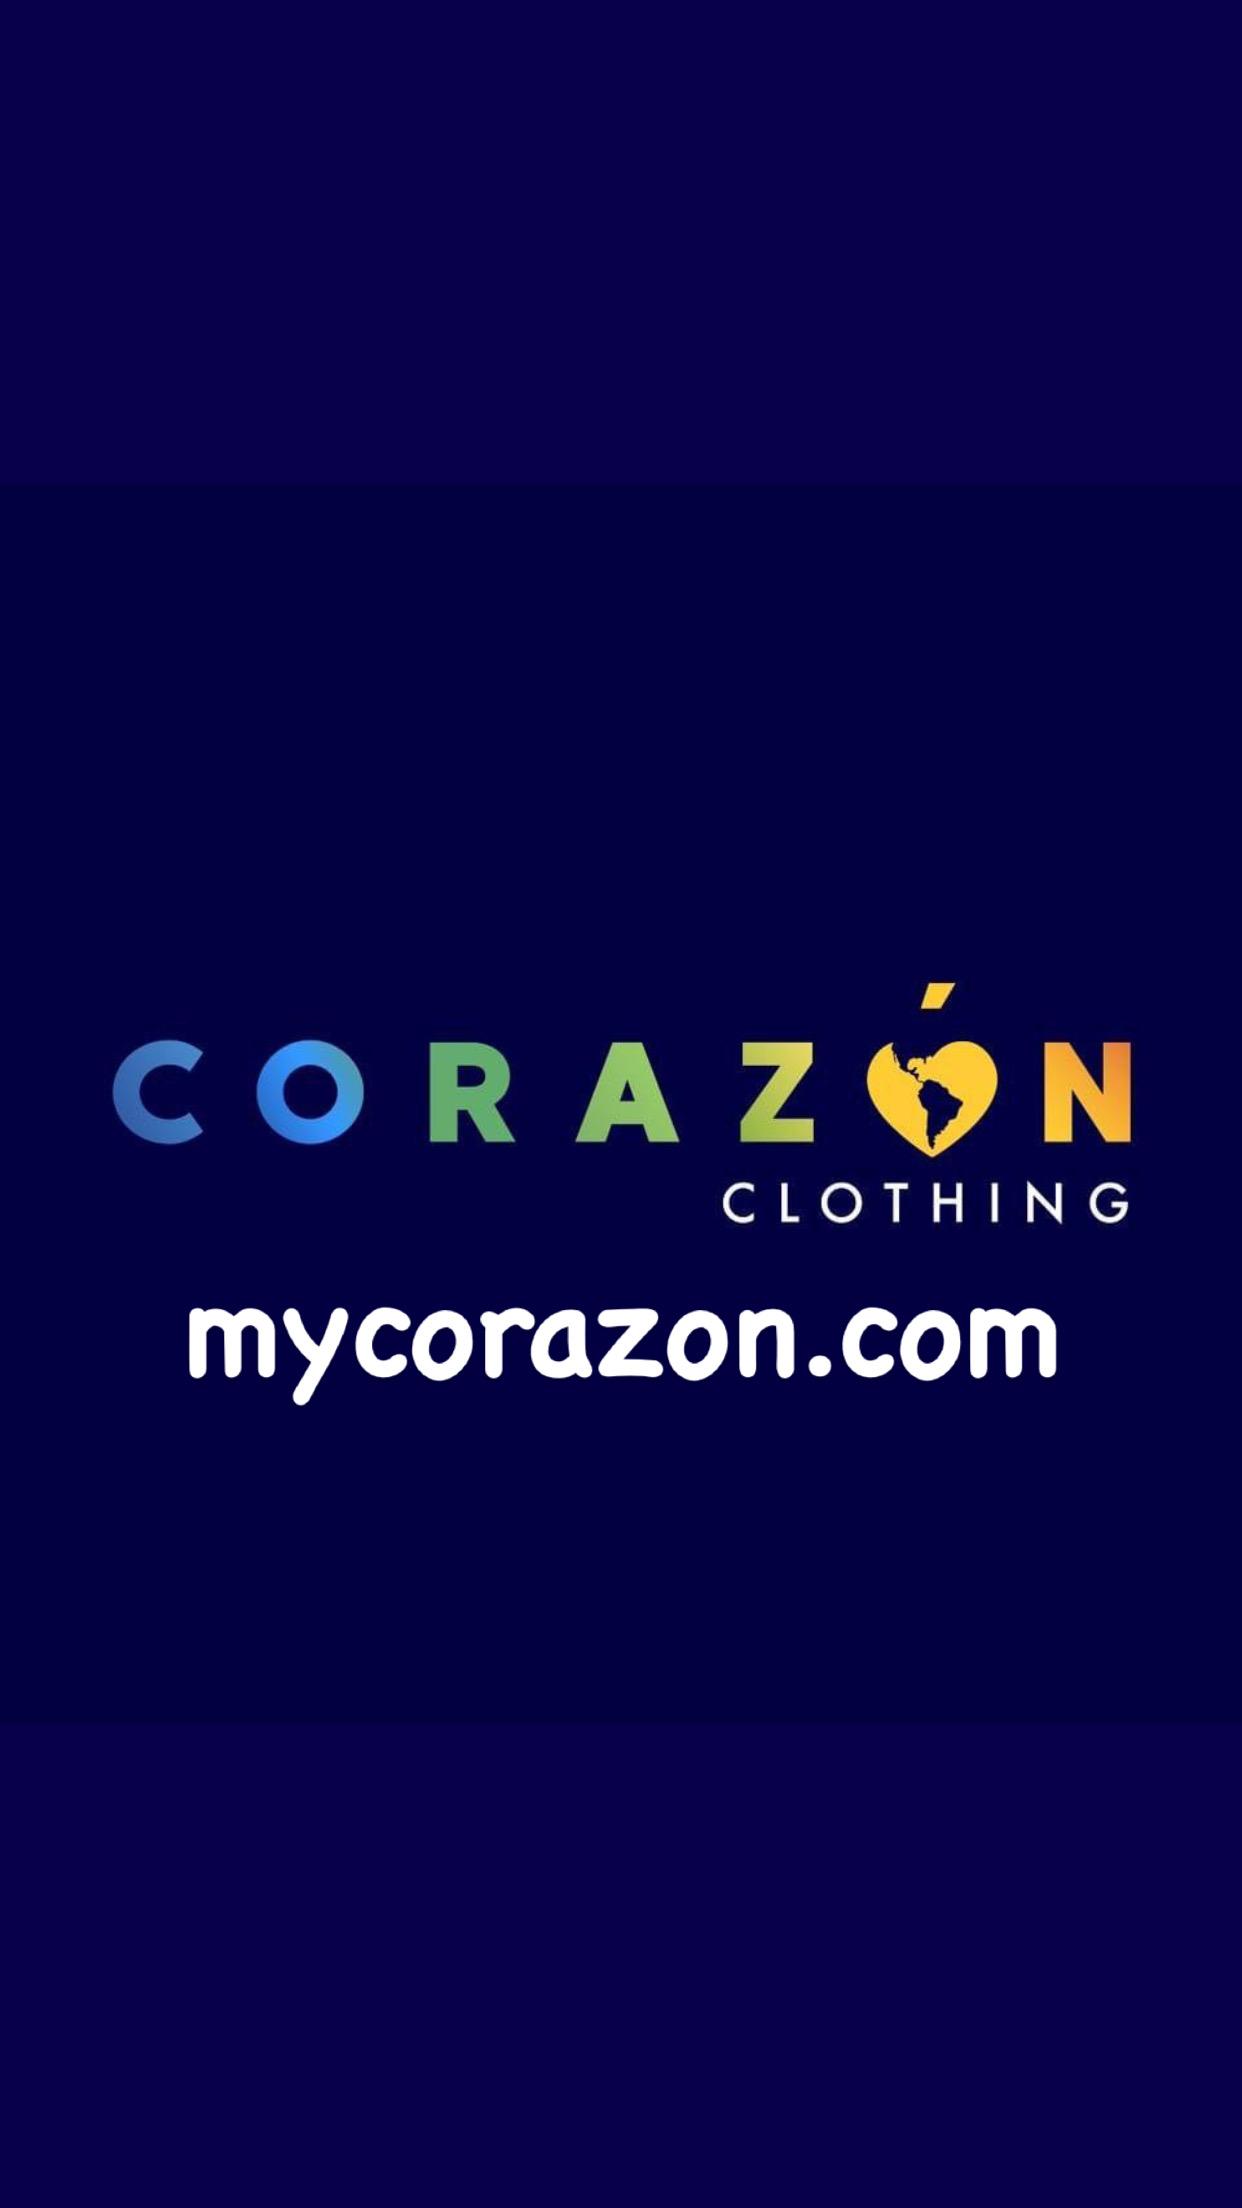 Corazon Clothing